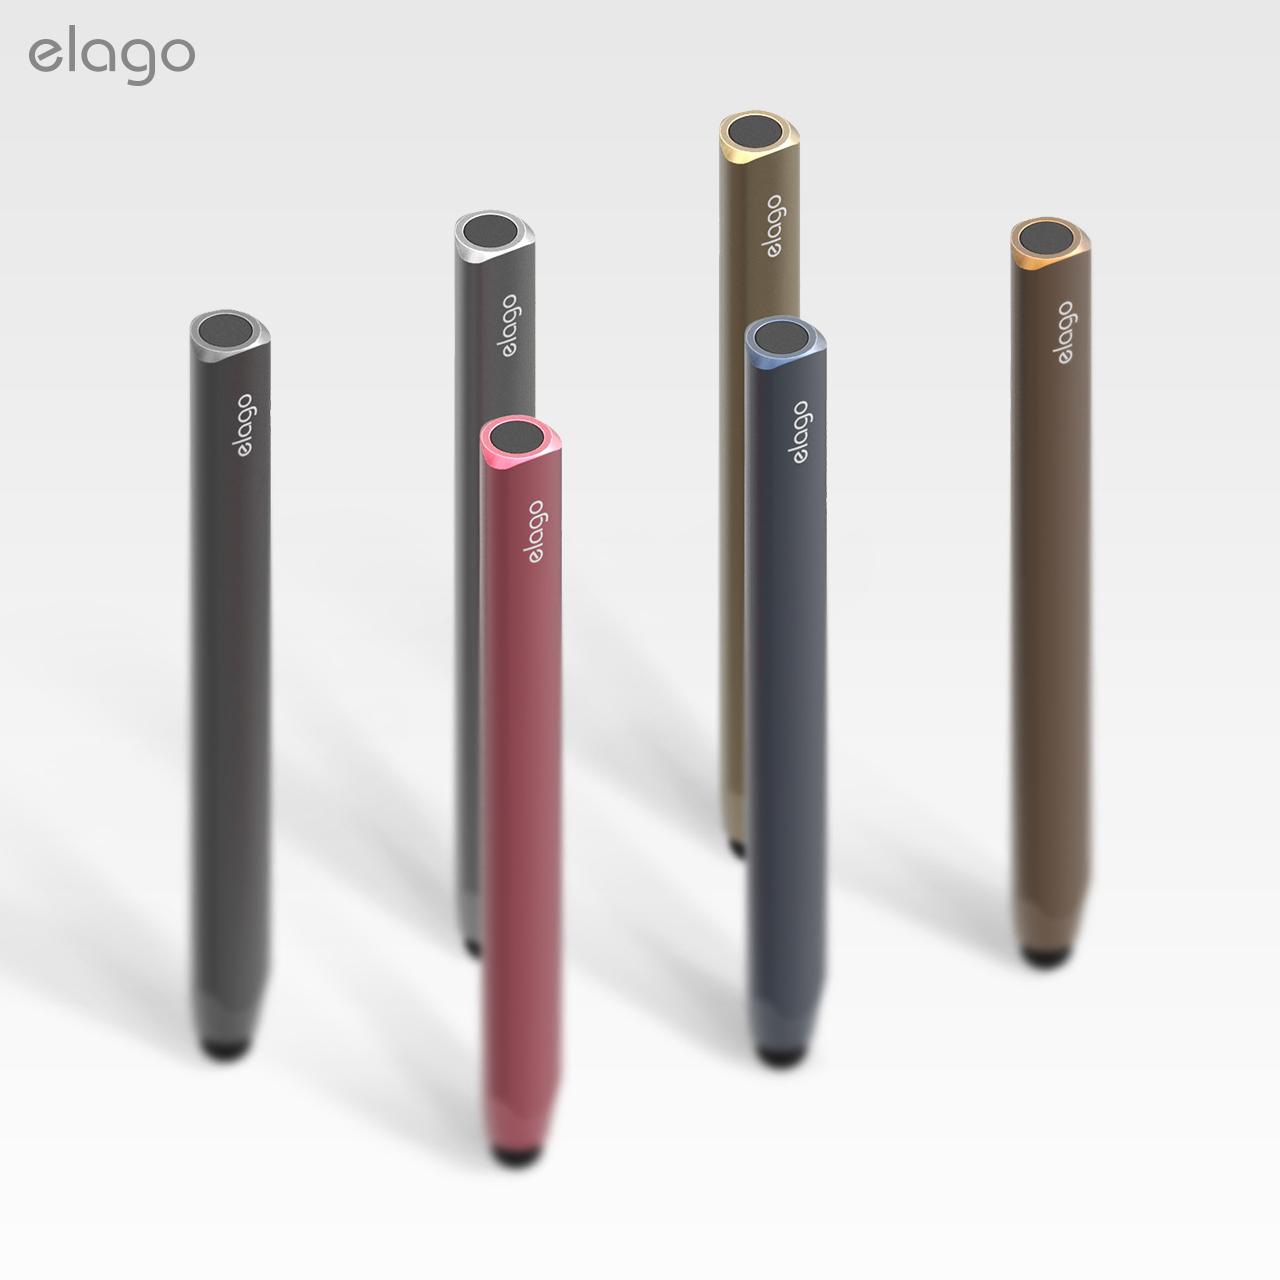 elago蘋果Xs max電容筆ipad觸屏xr智慧手機觸控式螢幕幕精度手寫筆蘋果X三星華為小米平板4安卓通用型